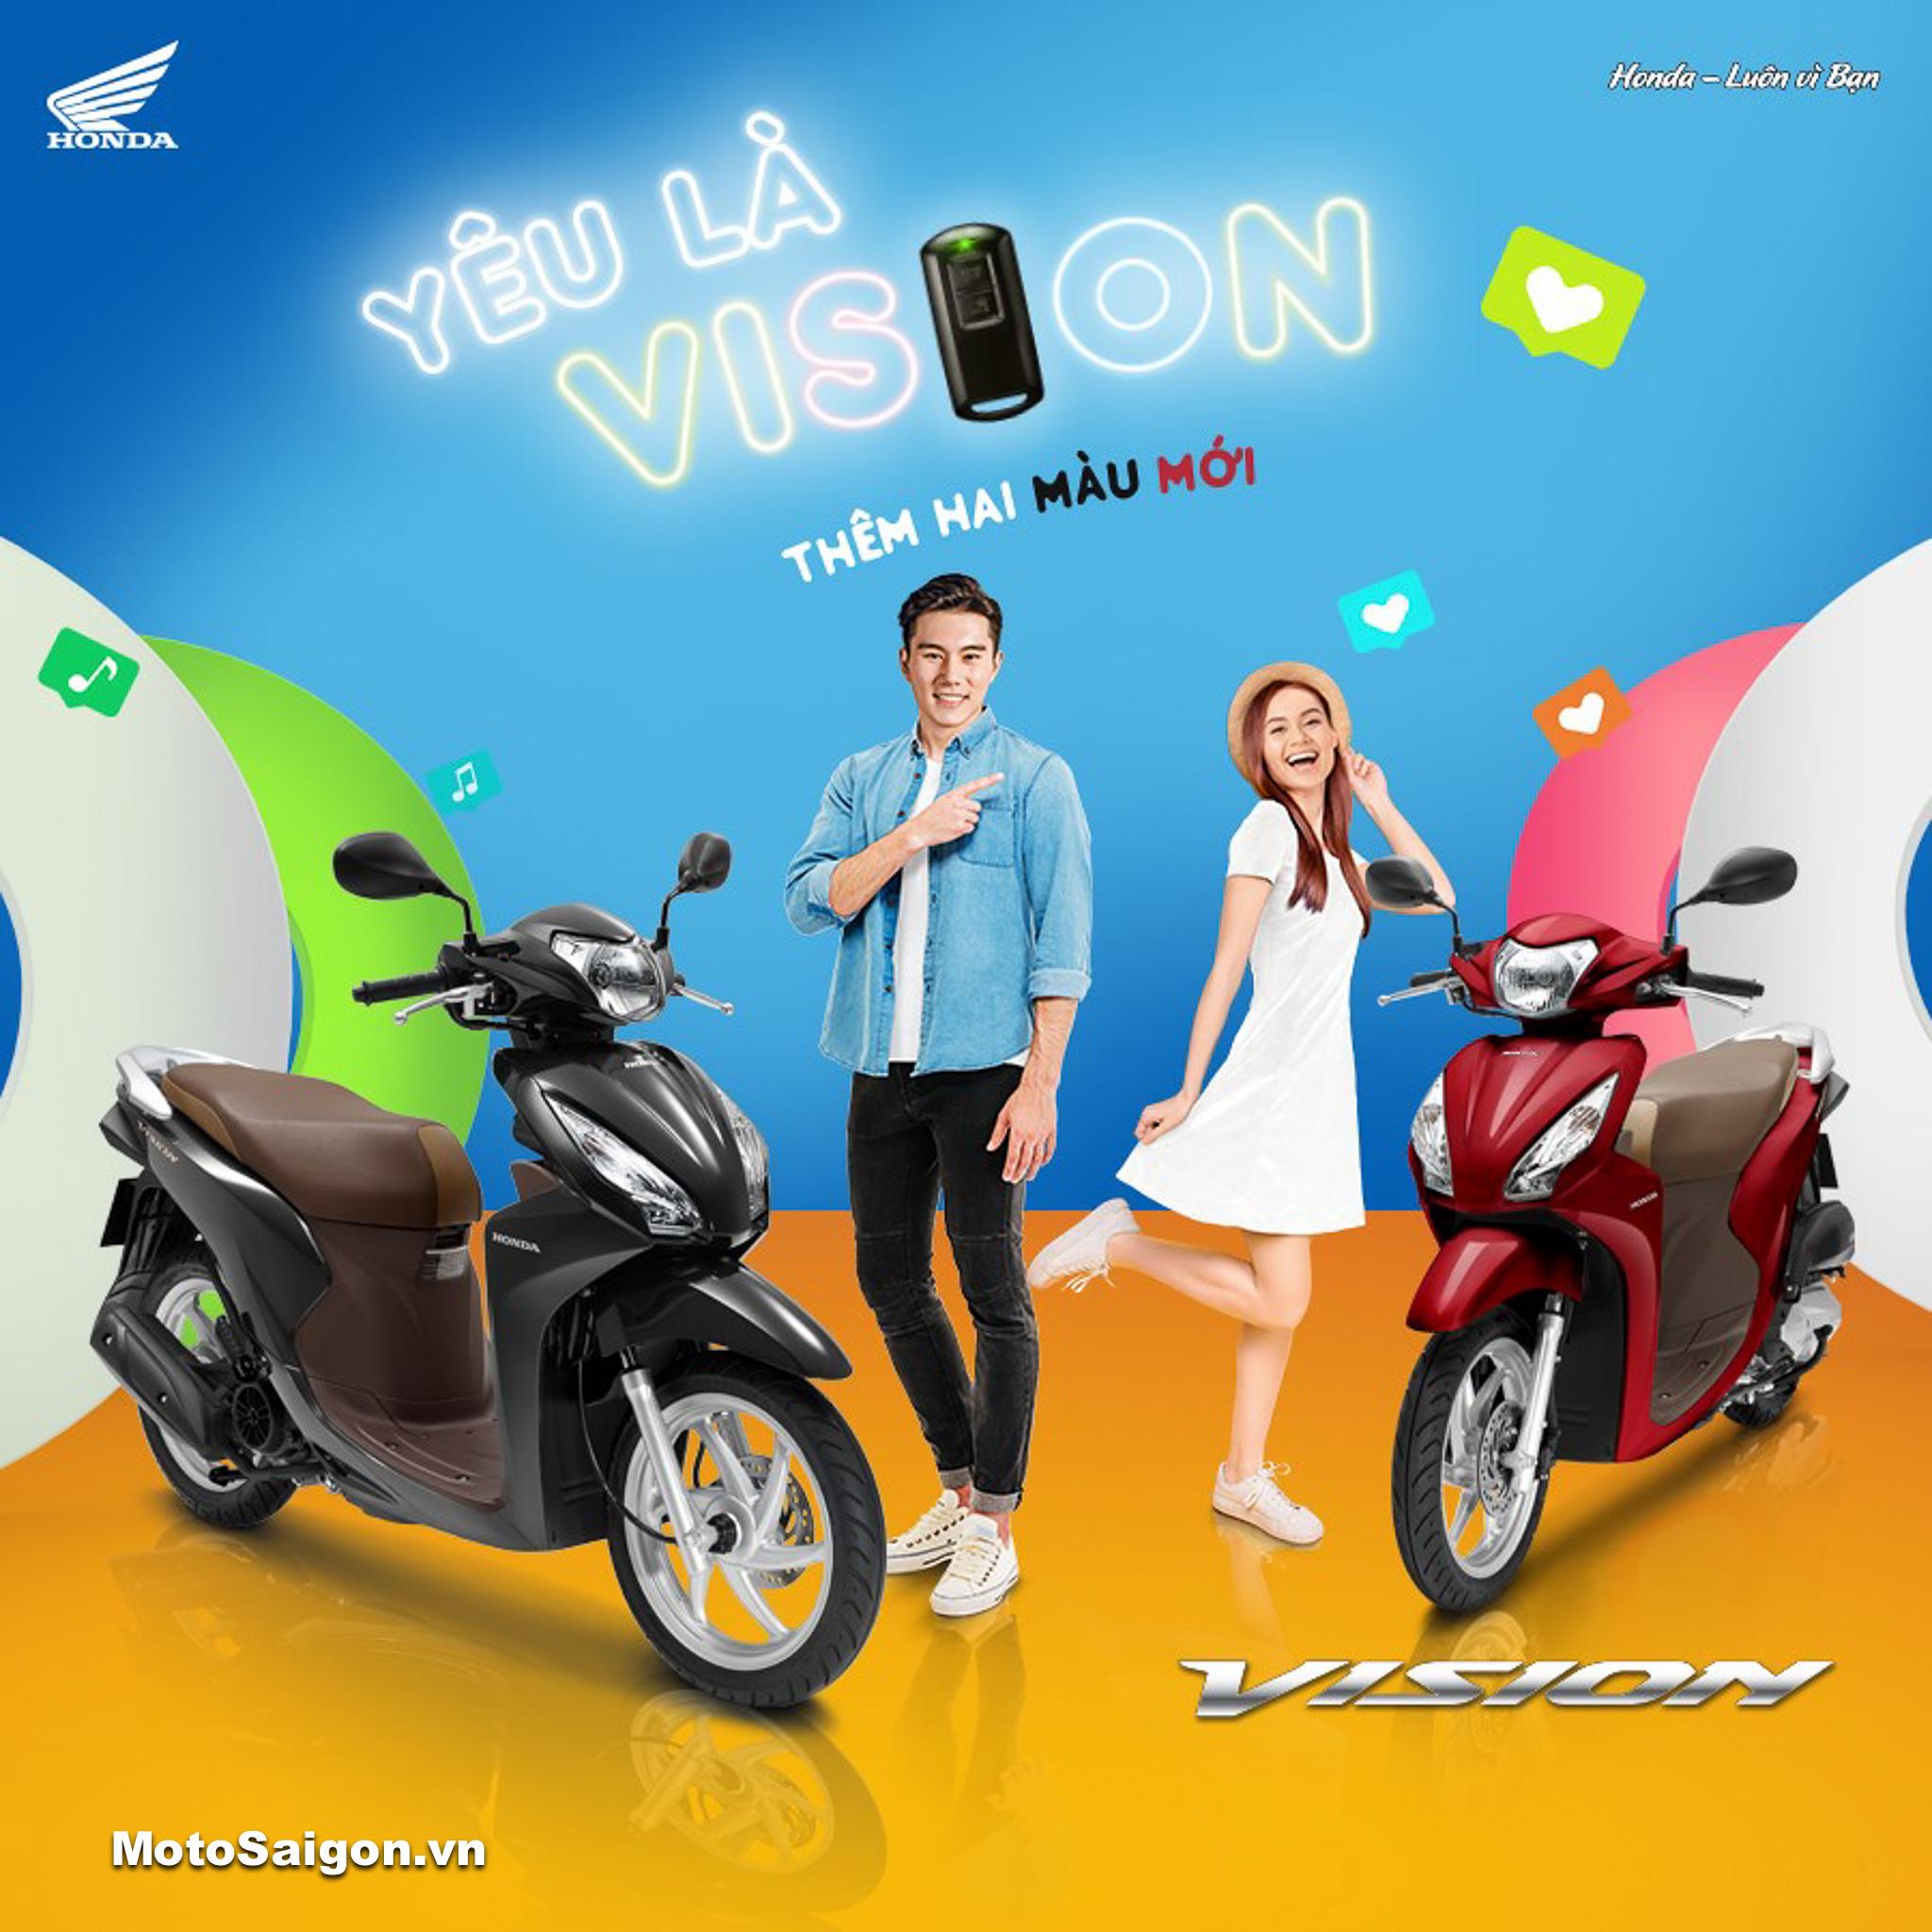 HONDA VISION 2019 phiên bản mới đã có giá bán